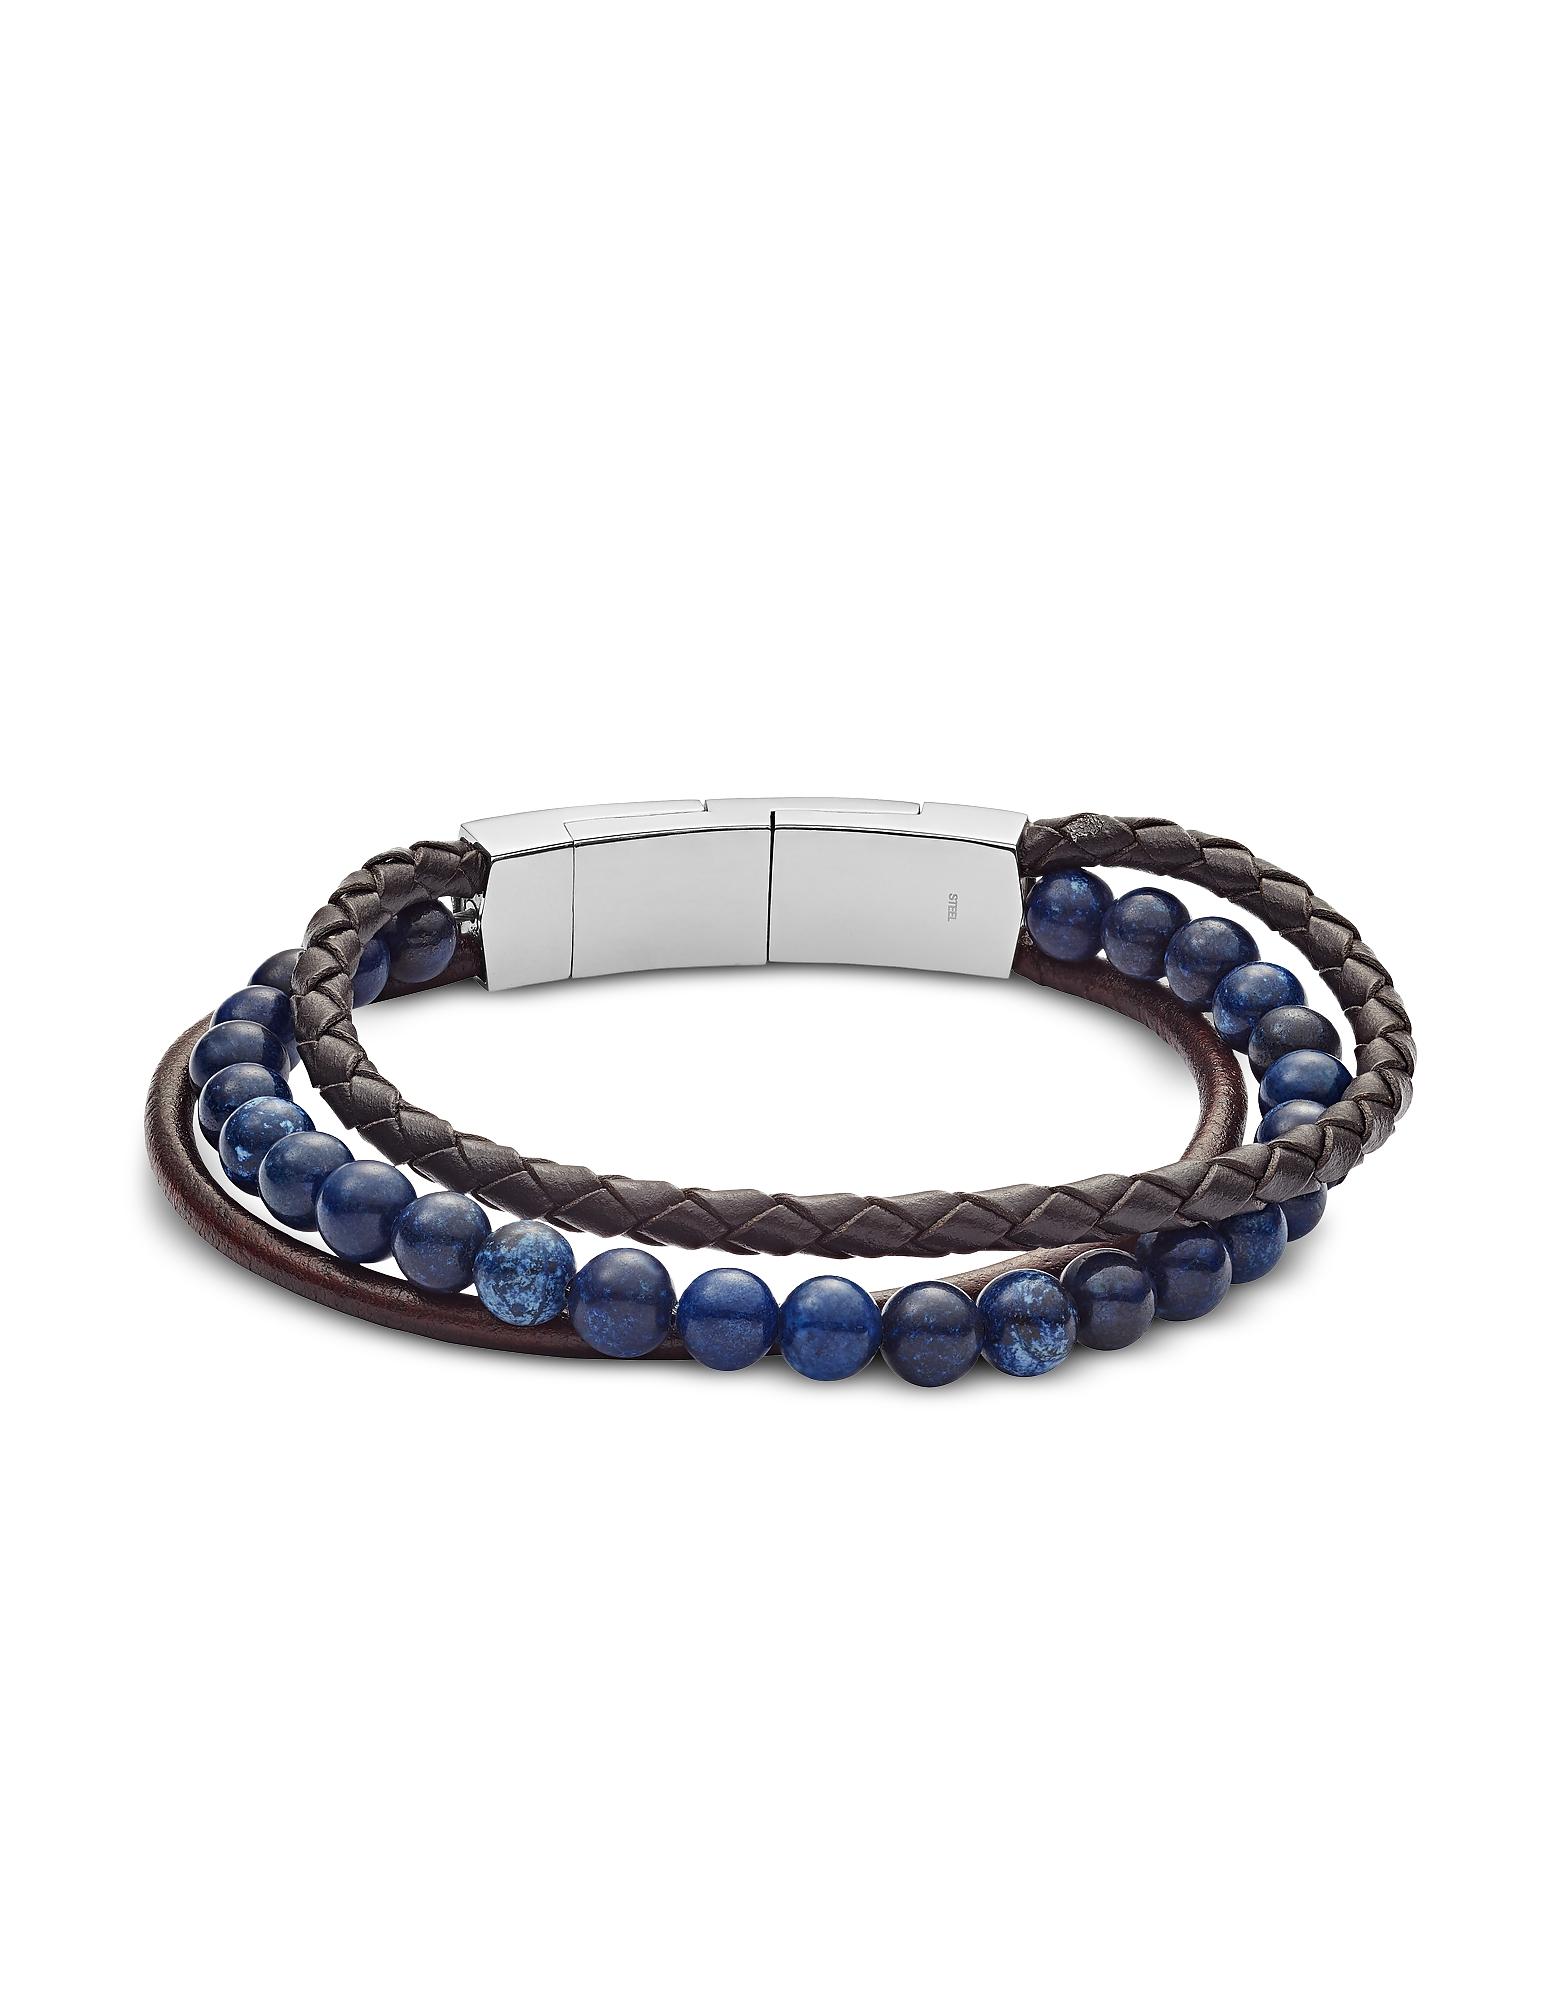 JF02885040 Vintage casual Men's Bracelet Fossil